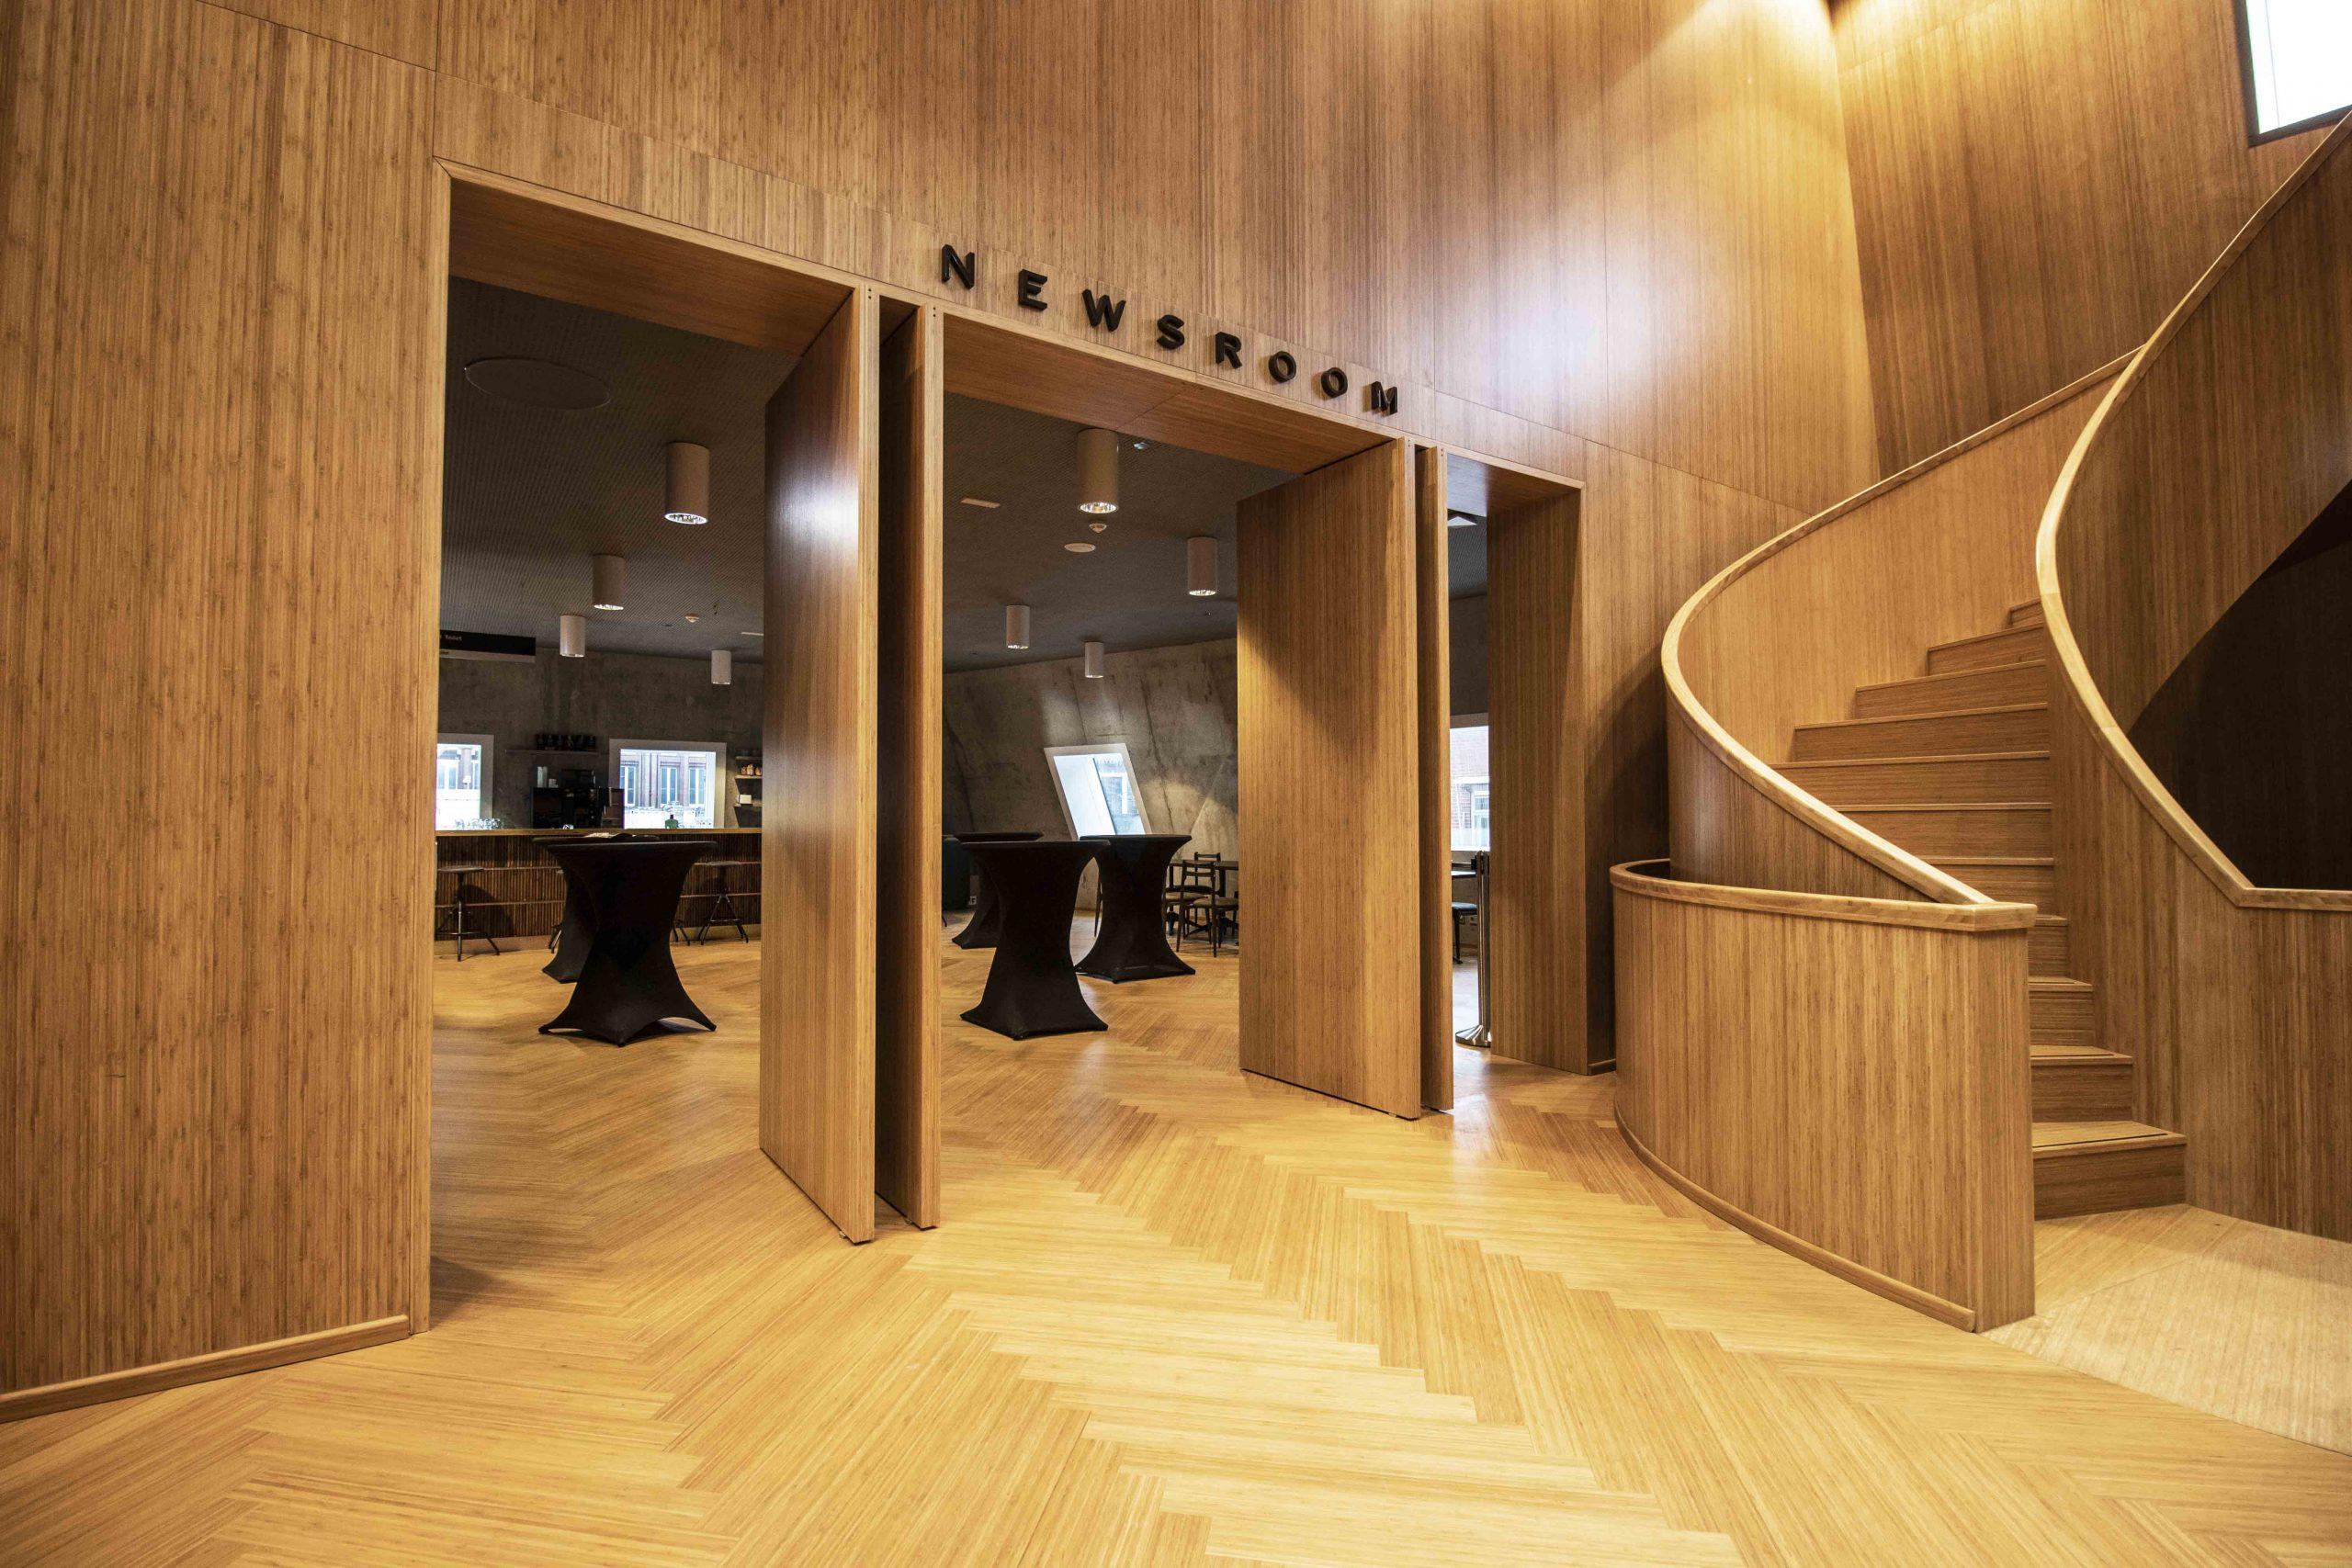 2583-groninger-forum-bamboo-pivot-doors-designed-by-nl-architects-fritsjurgens-pivot-hinges-inside-scaled.jpg